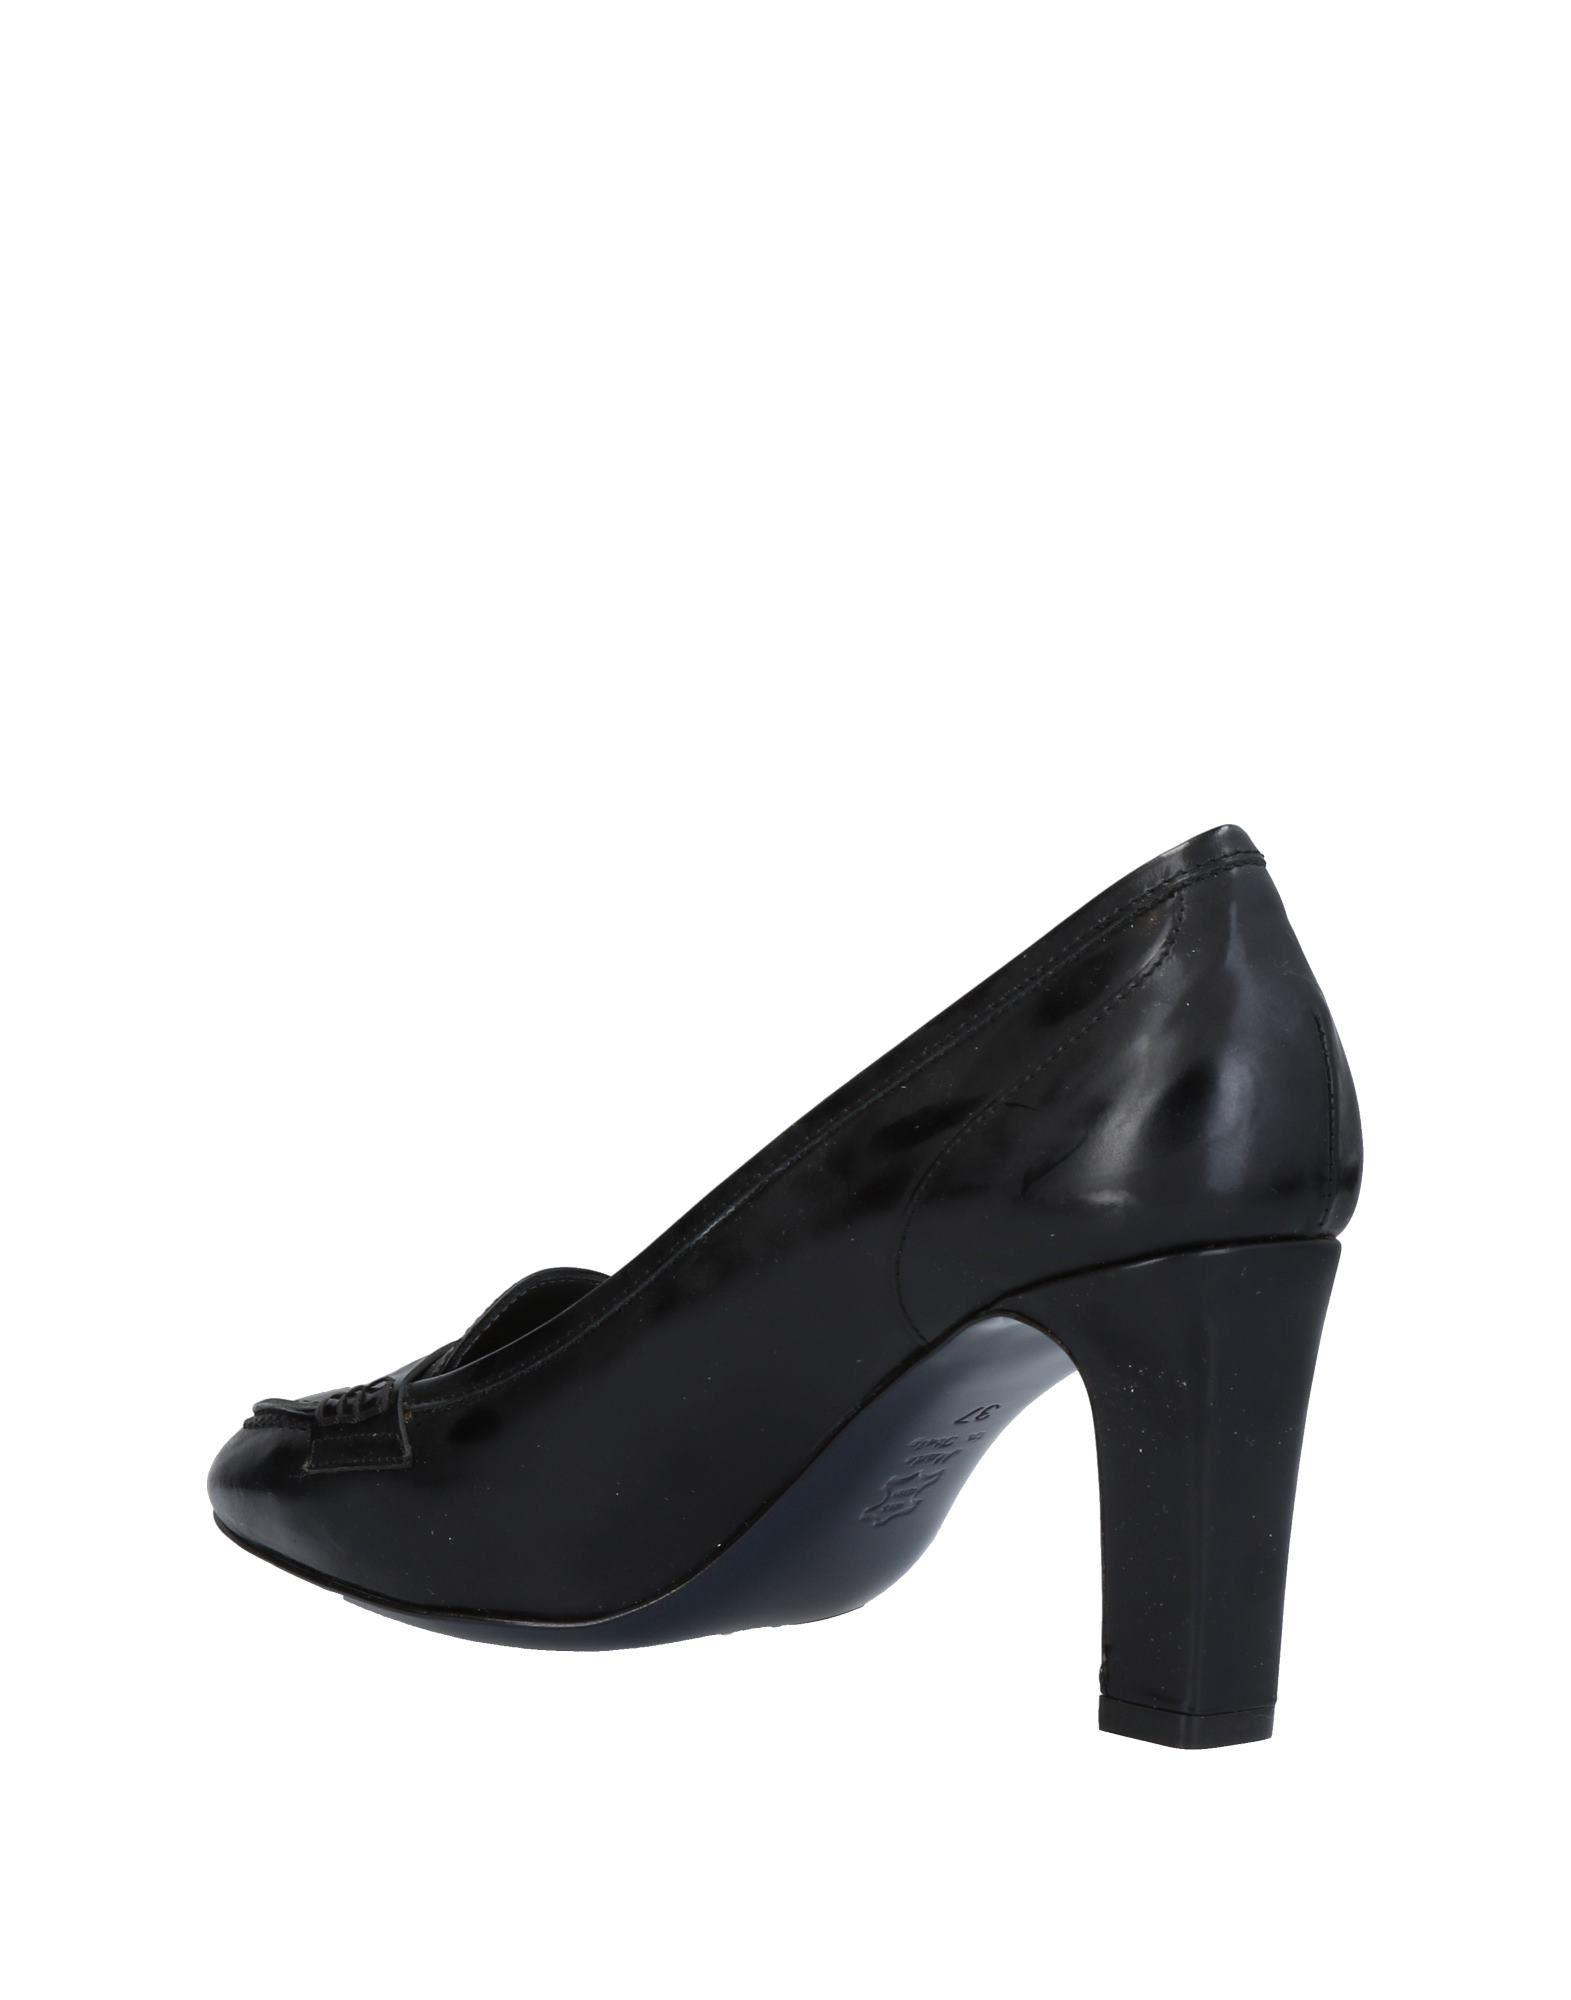 Calpierre Mokassins Gute Damen  11459171EP Gute Mokassins Qualität beliebte Schuhe 890f7a